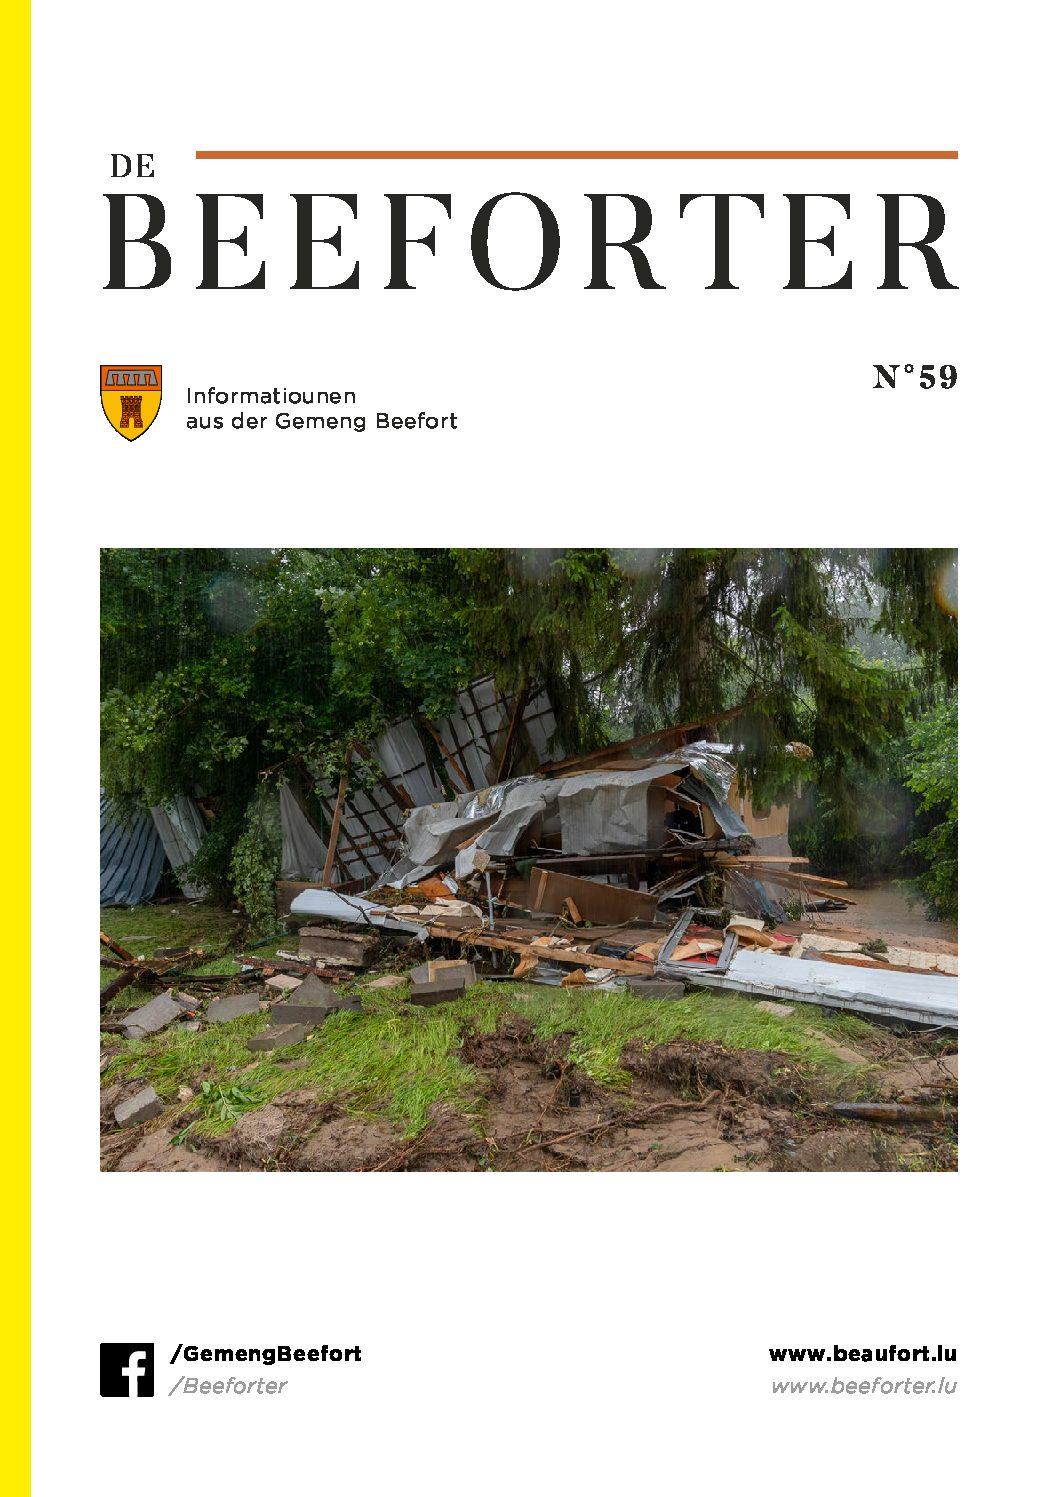 De Beeforter 59